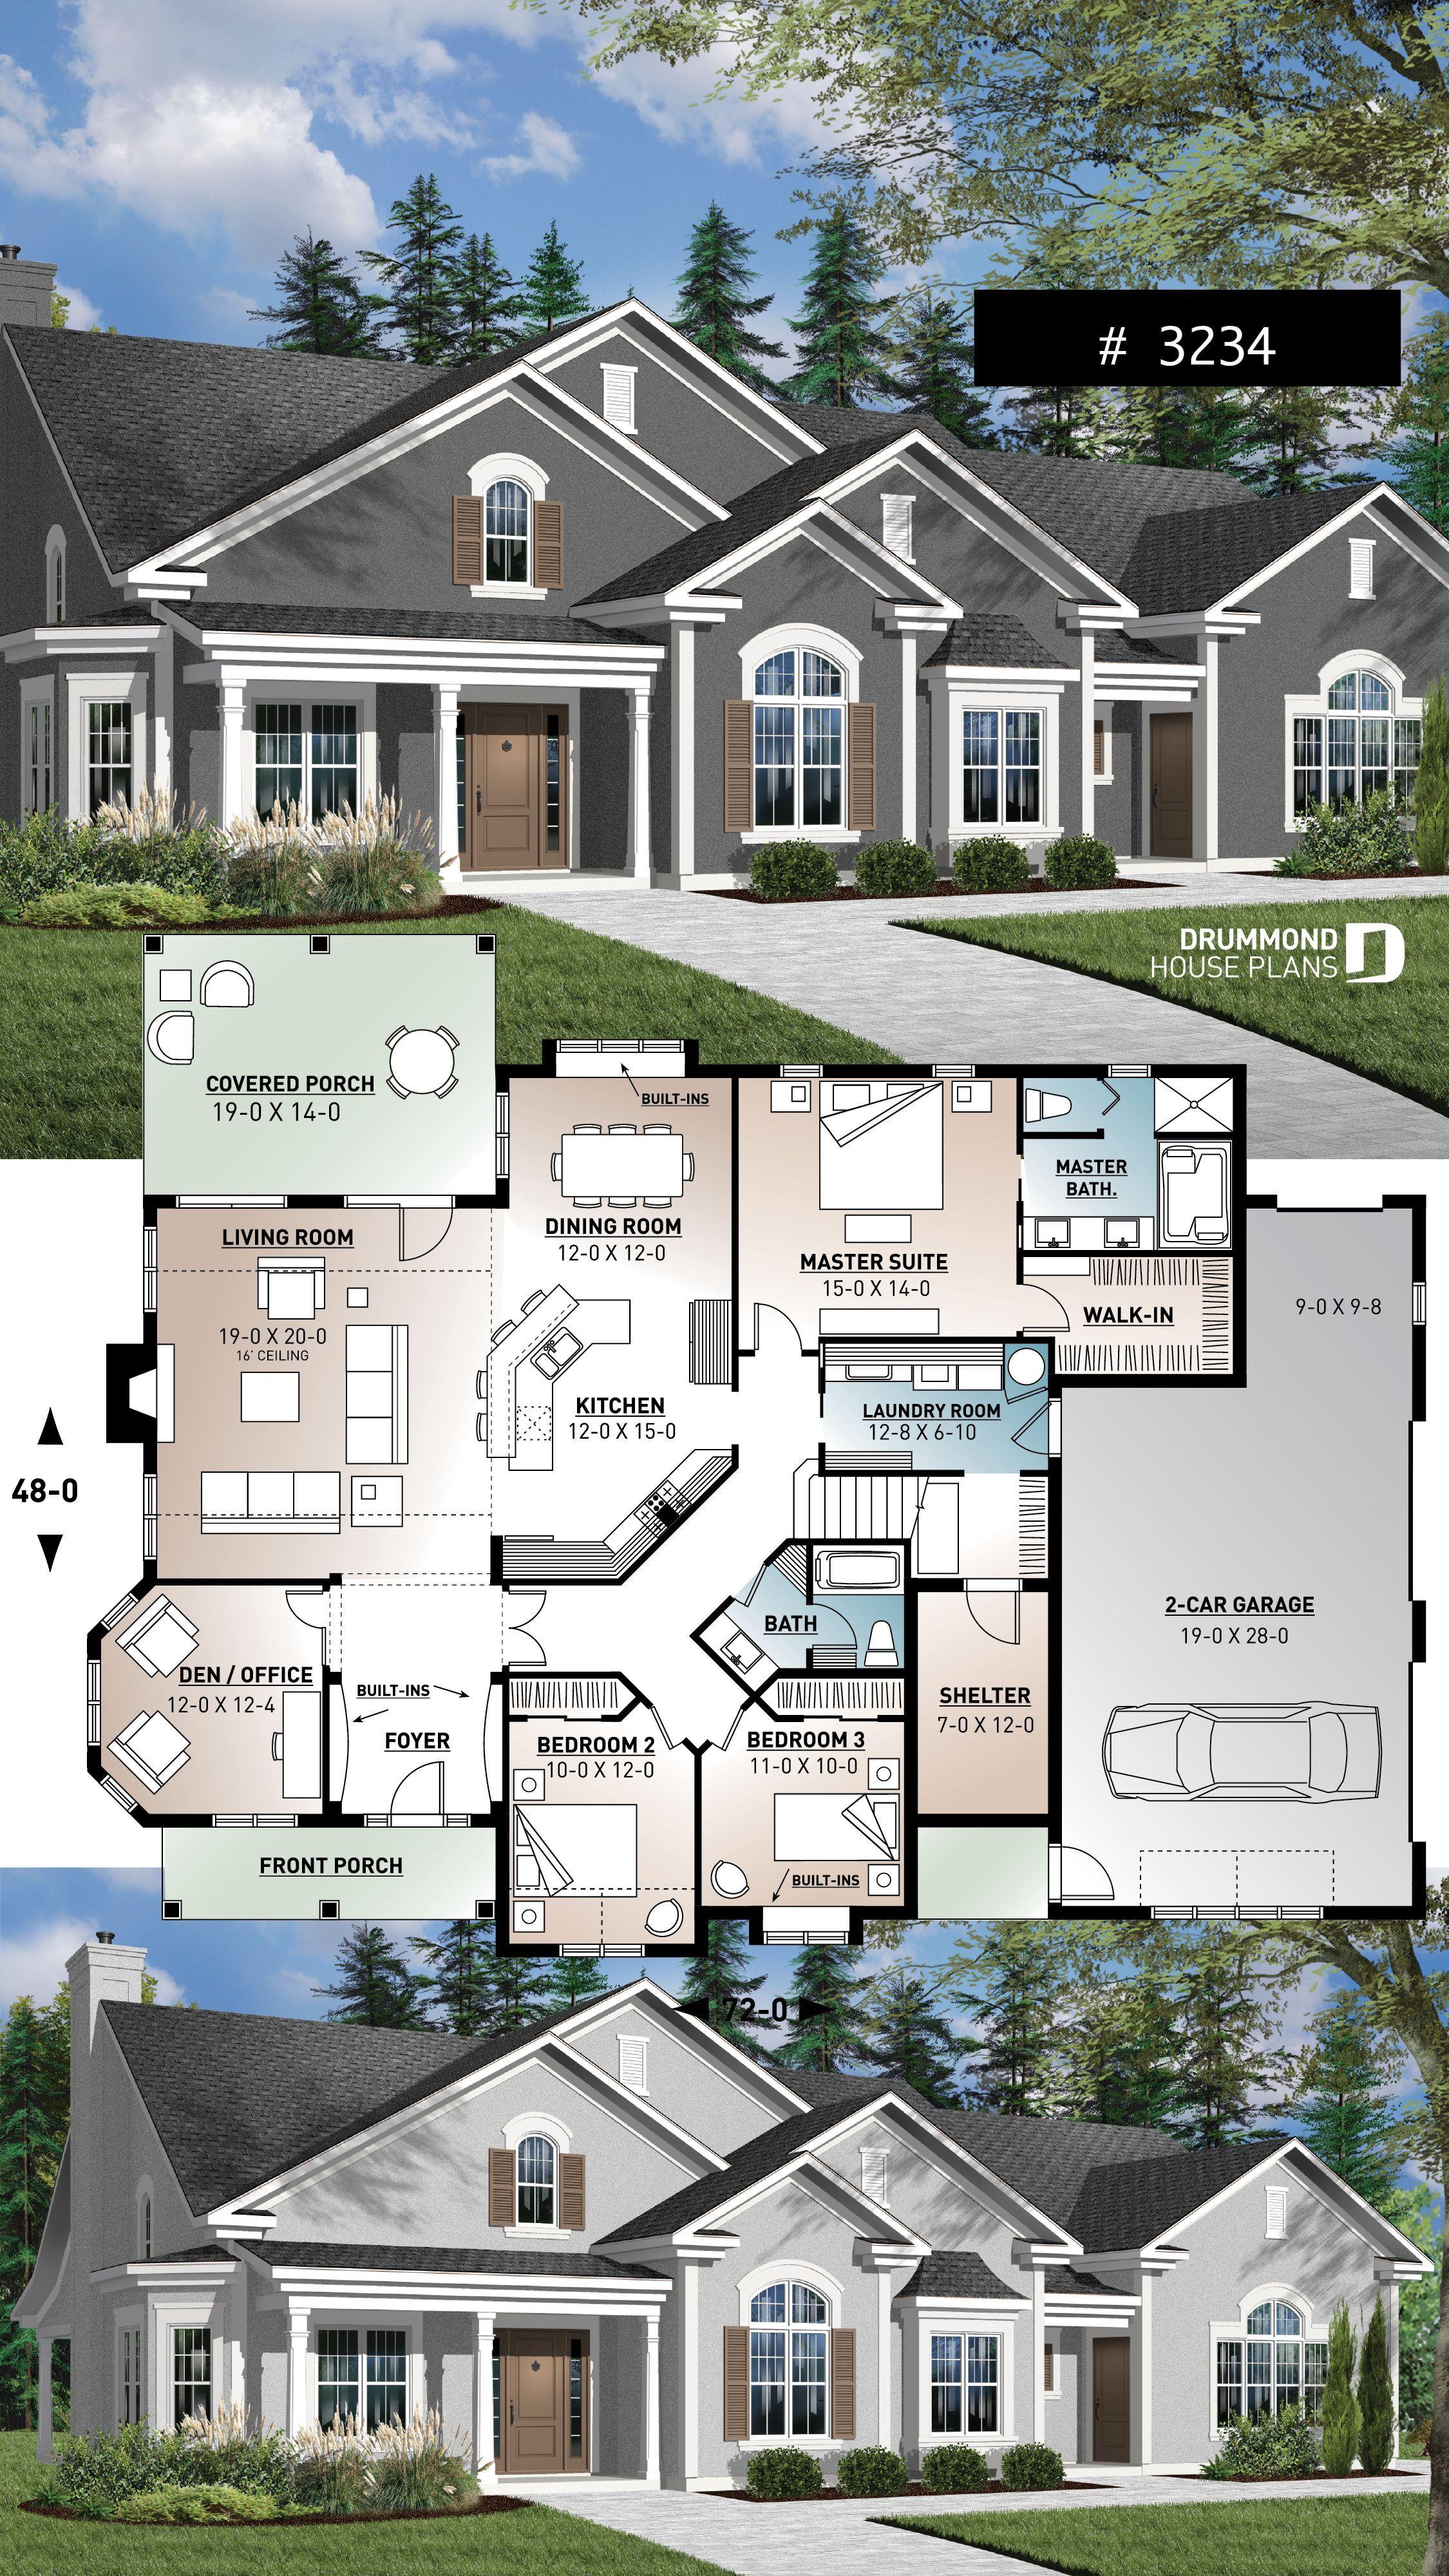 3 To 4 Bedroom Ranch Home Plan Split Bedrooms Large Master Suite 2 Car Side Entry Garage Large Family Family House Plans Sims House Plans Ranch House Plans